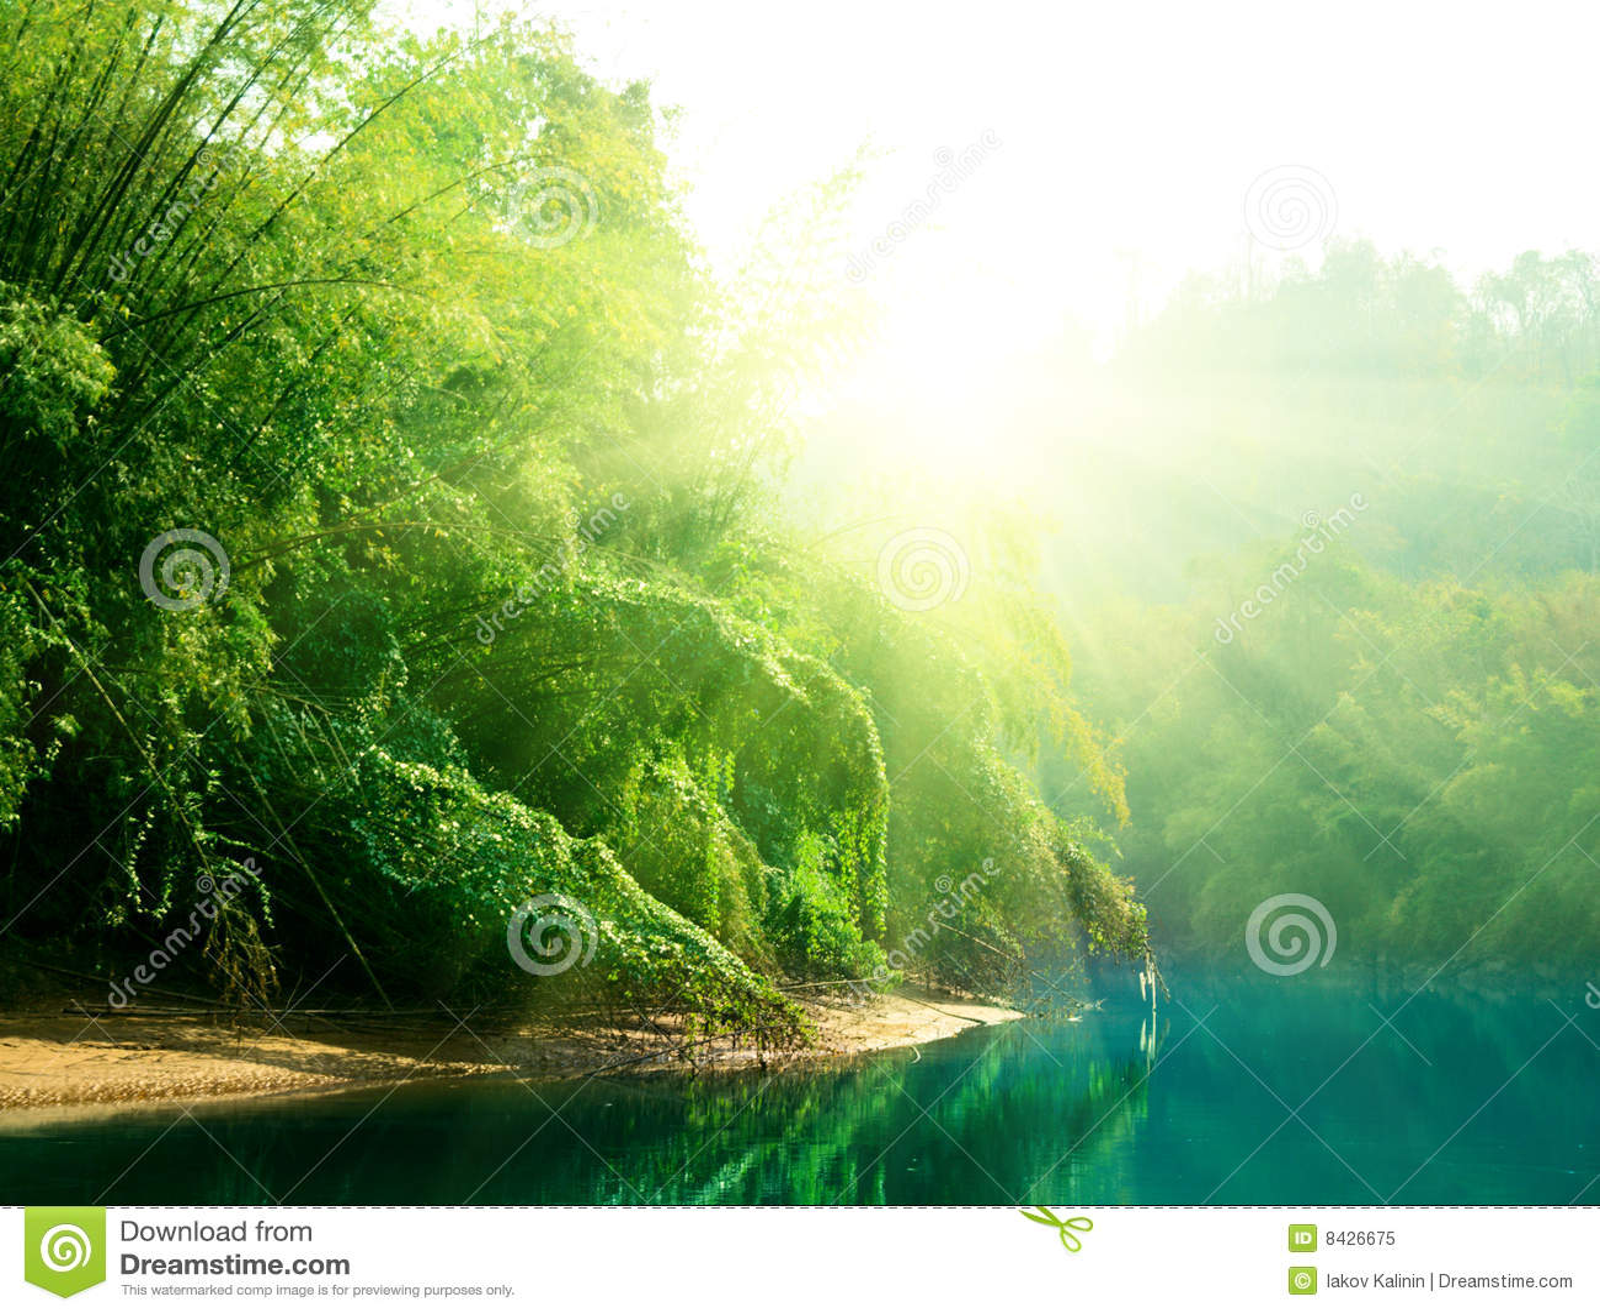 Puesta del sol en selva